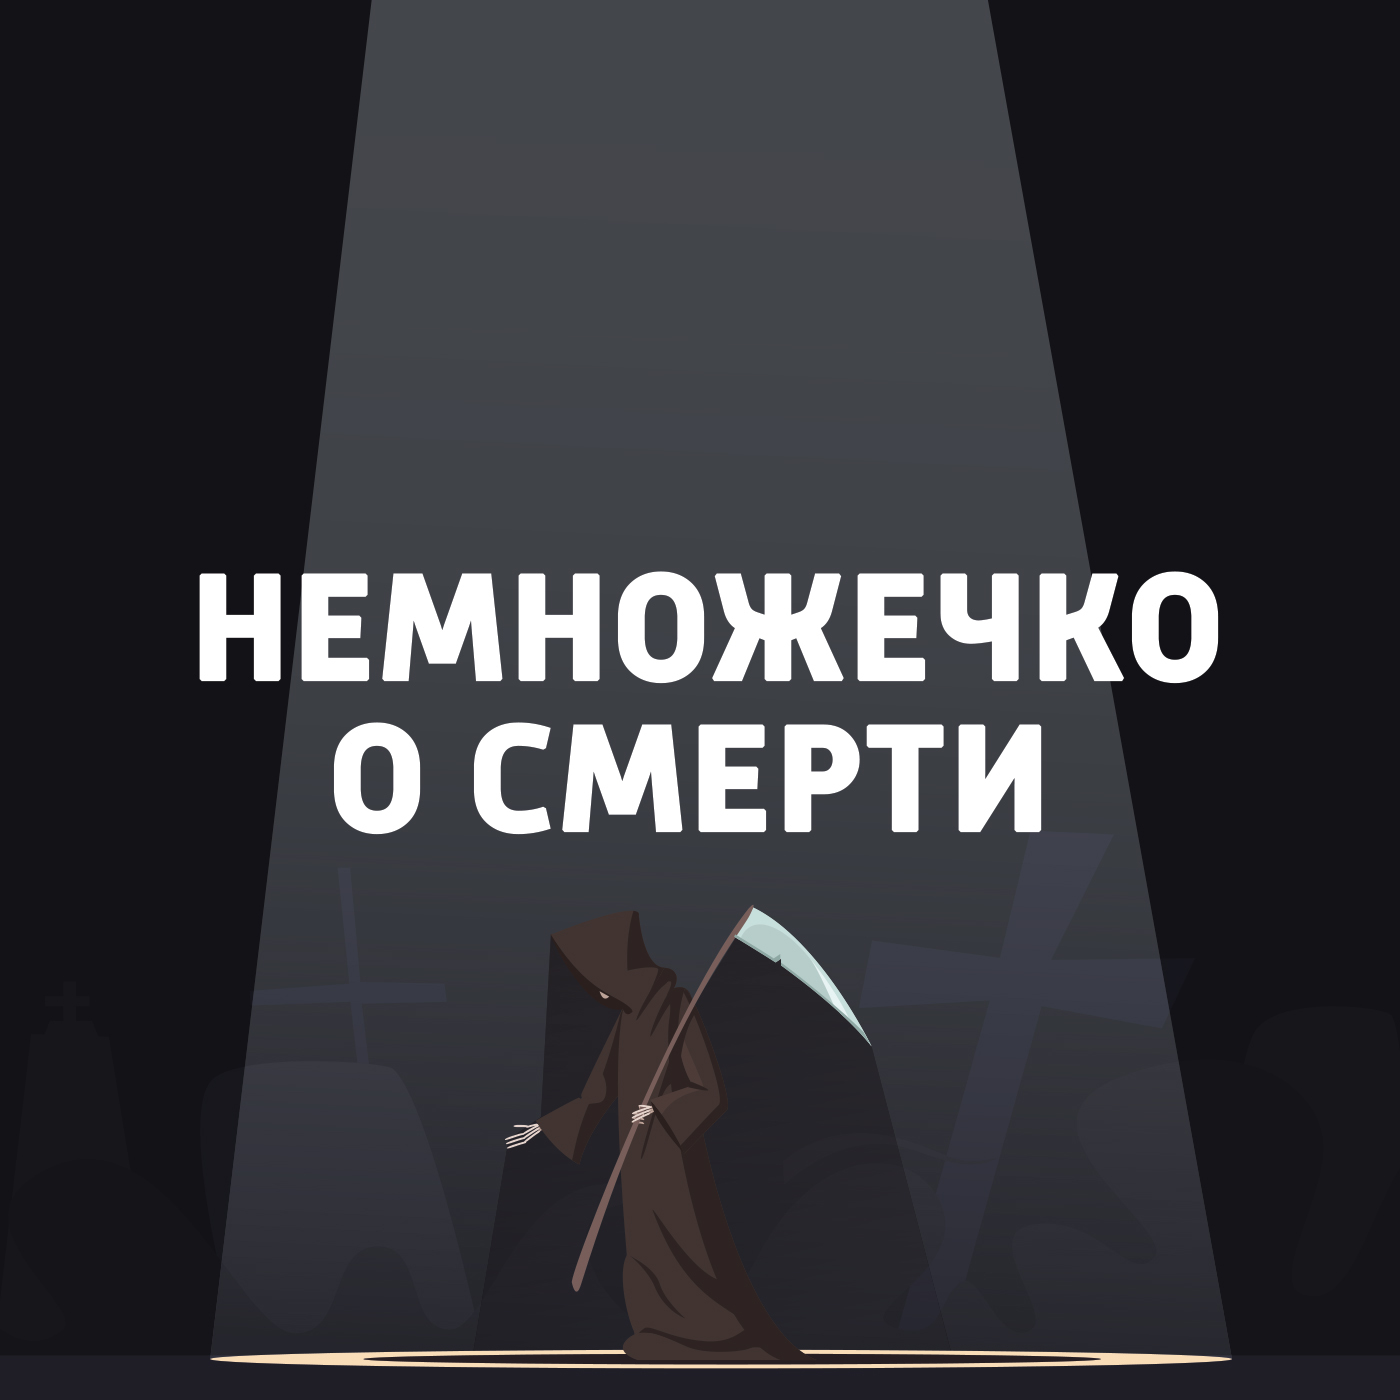 Ханс Штайнингер, Мольер и Жан Батист Люлли